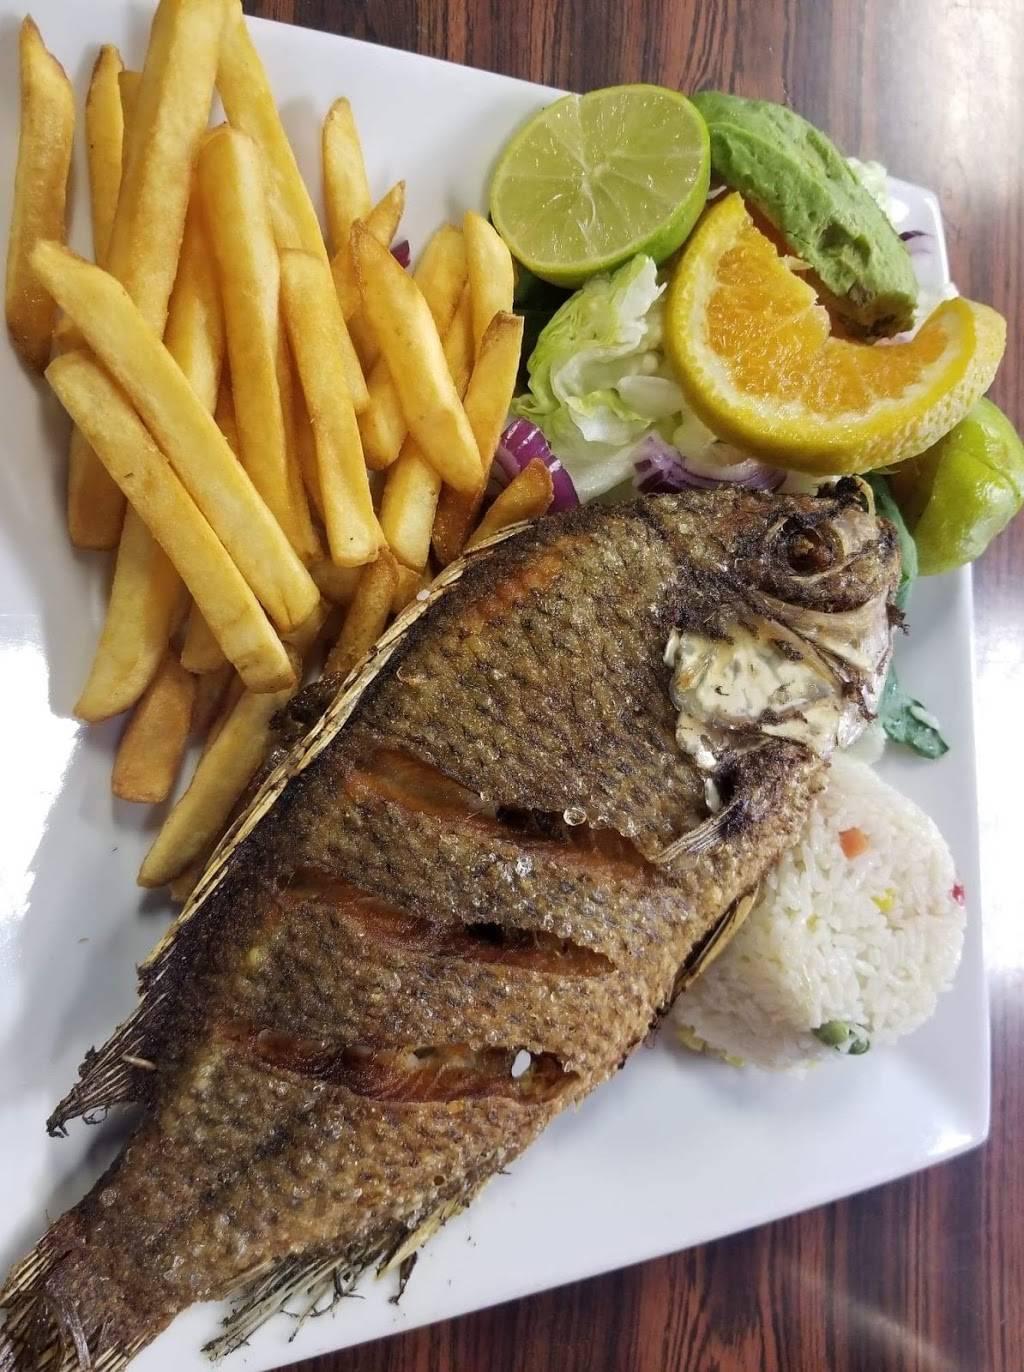 Mariscos Las Quince Letras   restaurant   7344 Van Nuys, CA 91405, USA   8189885140 OR +1 818-988-5140